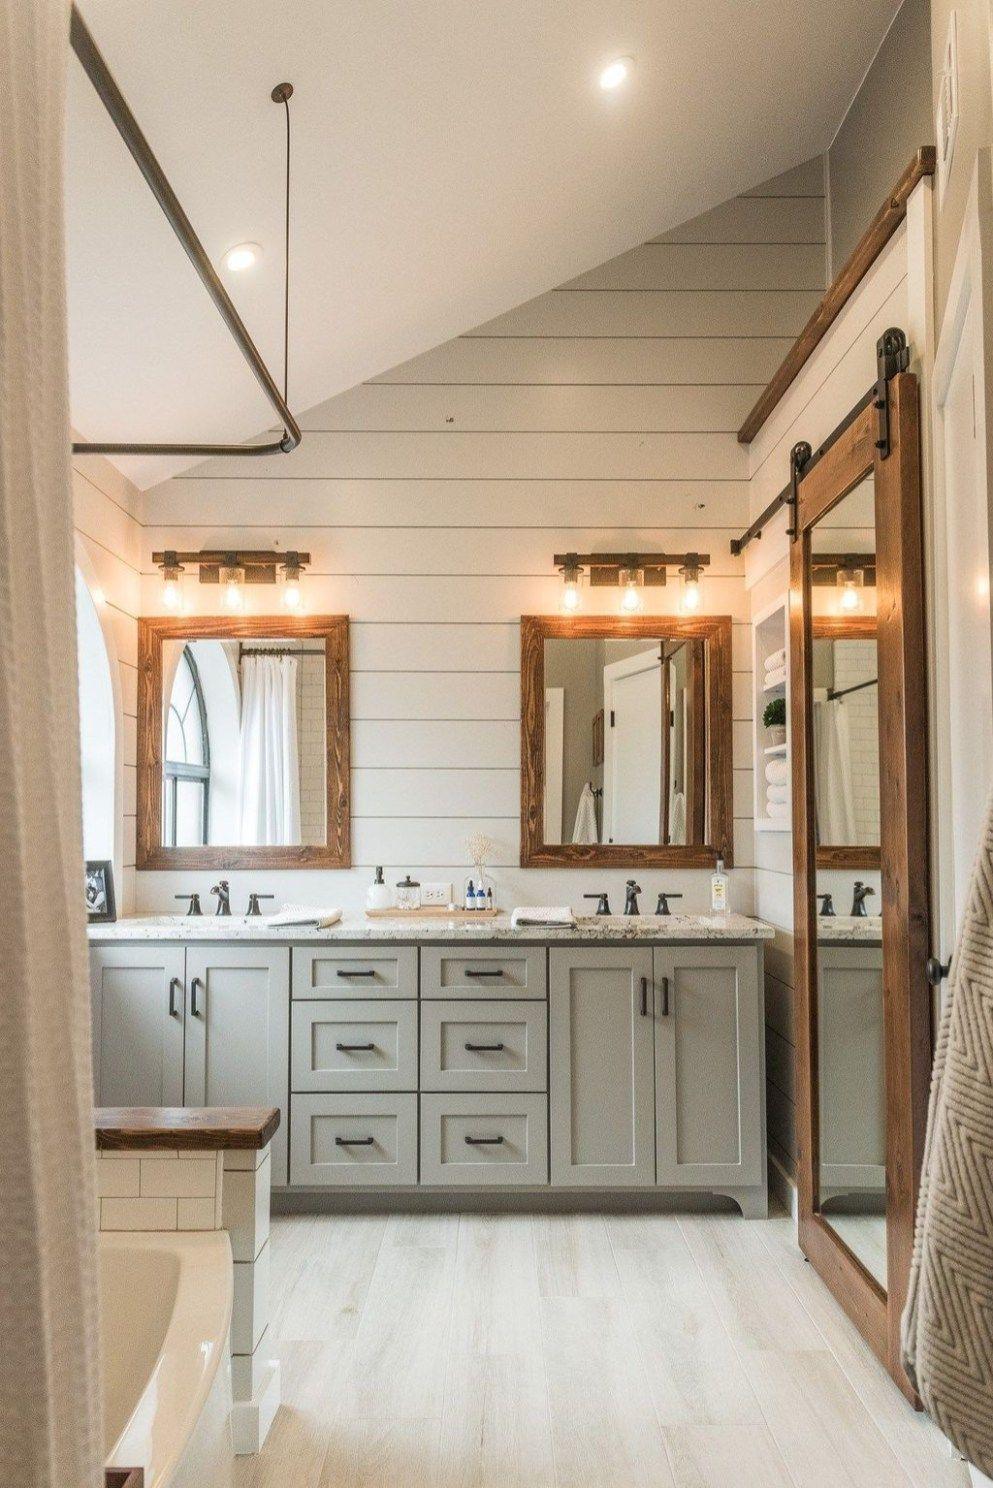 Modern farmhouse master bathroom remodel ideas bathroom